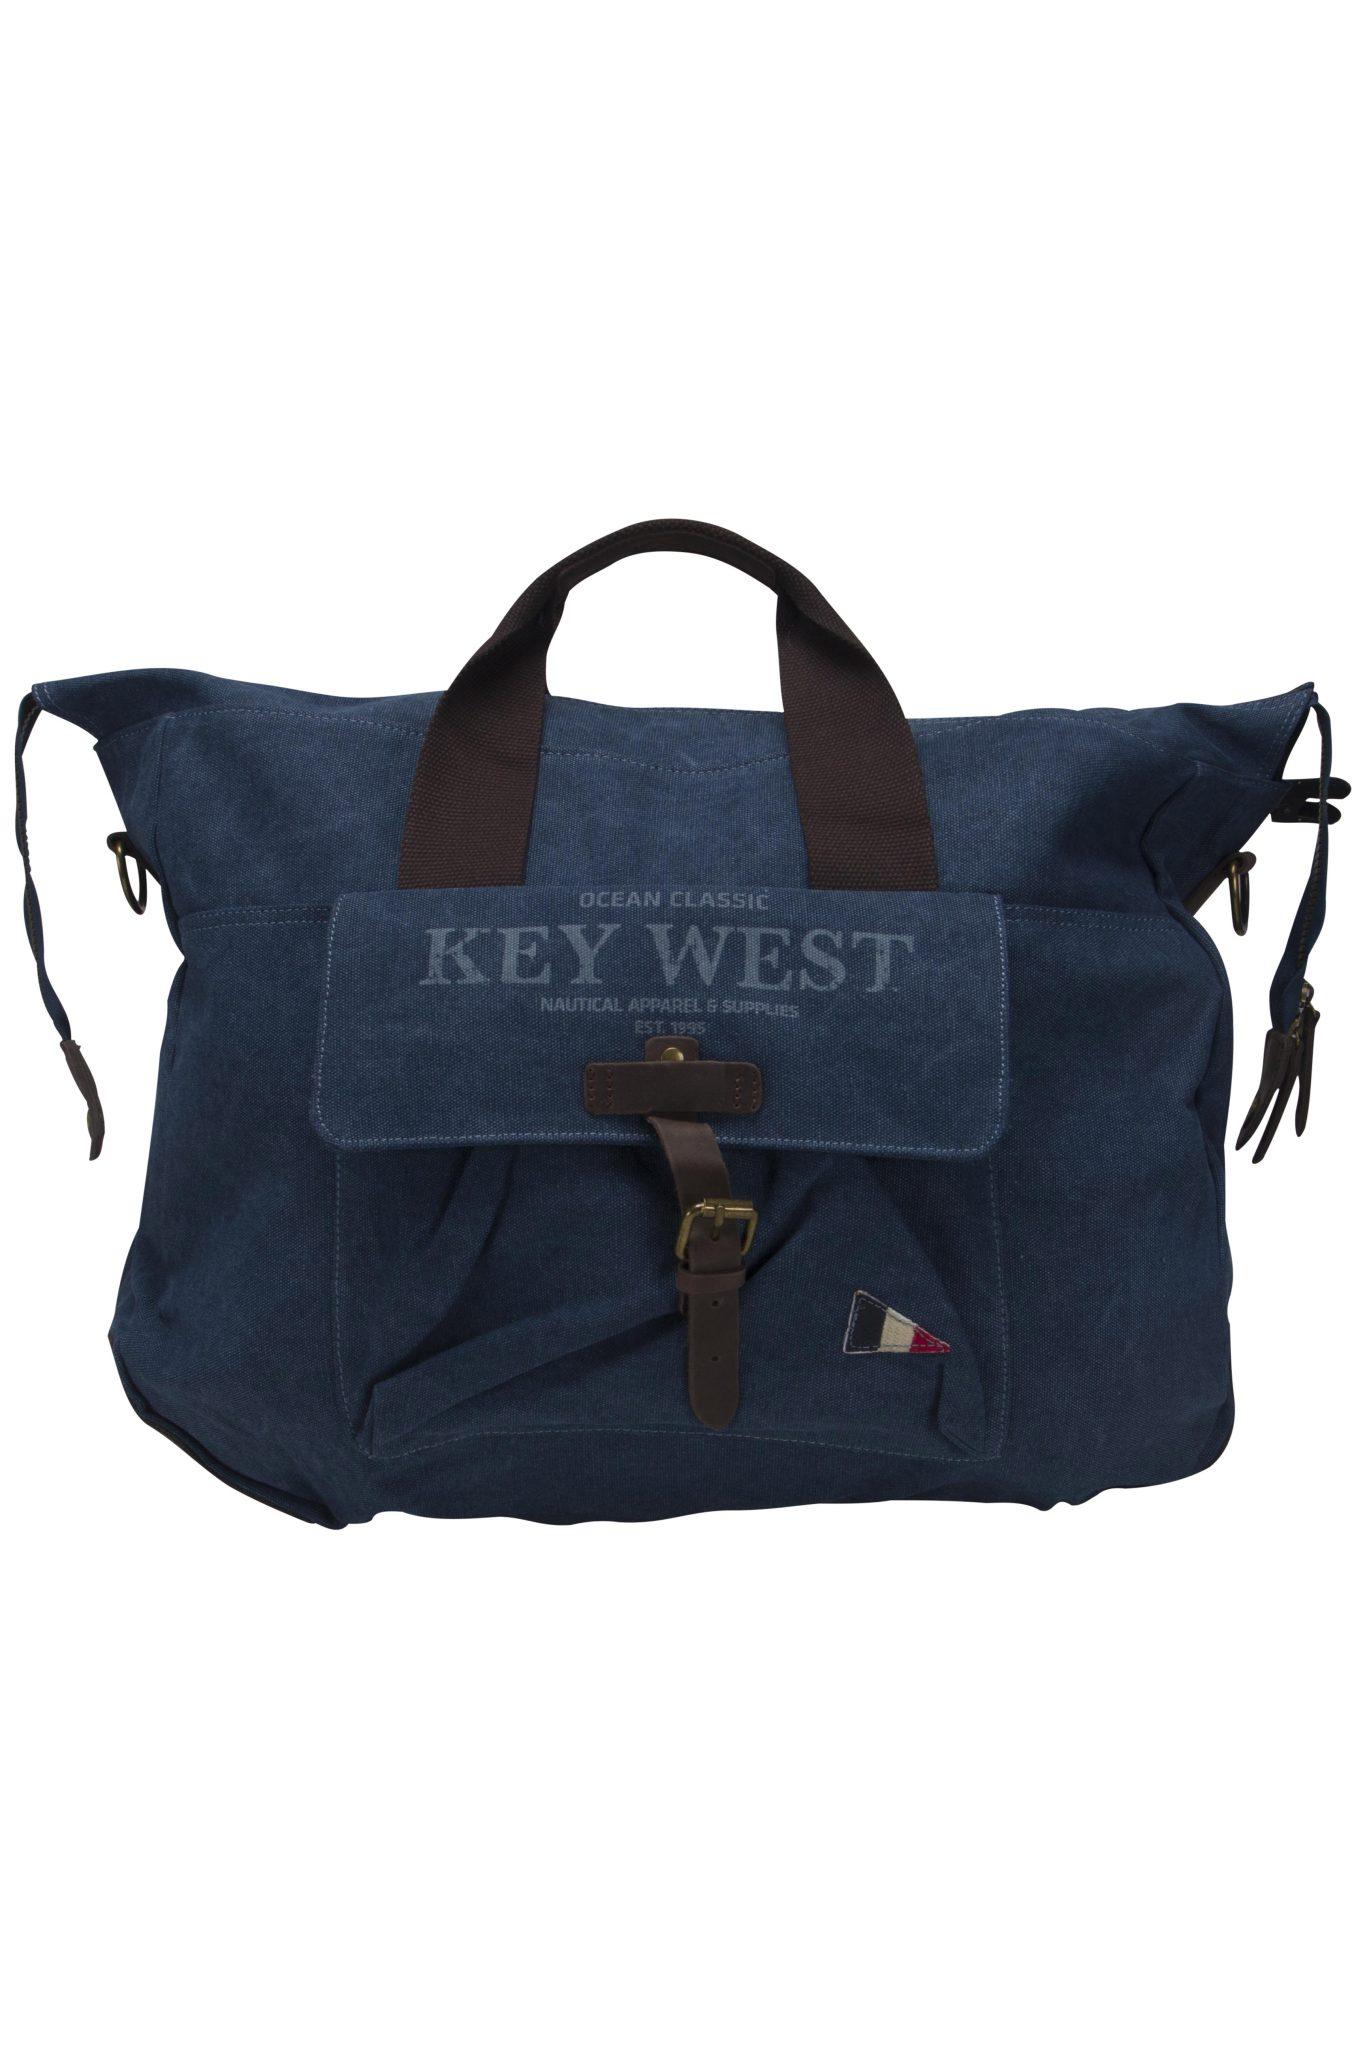 Key West taske